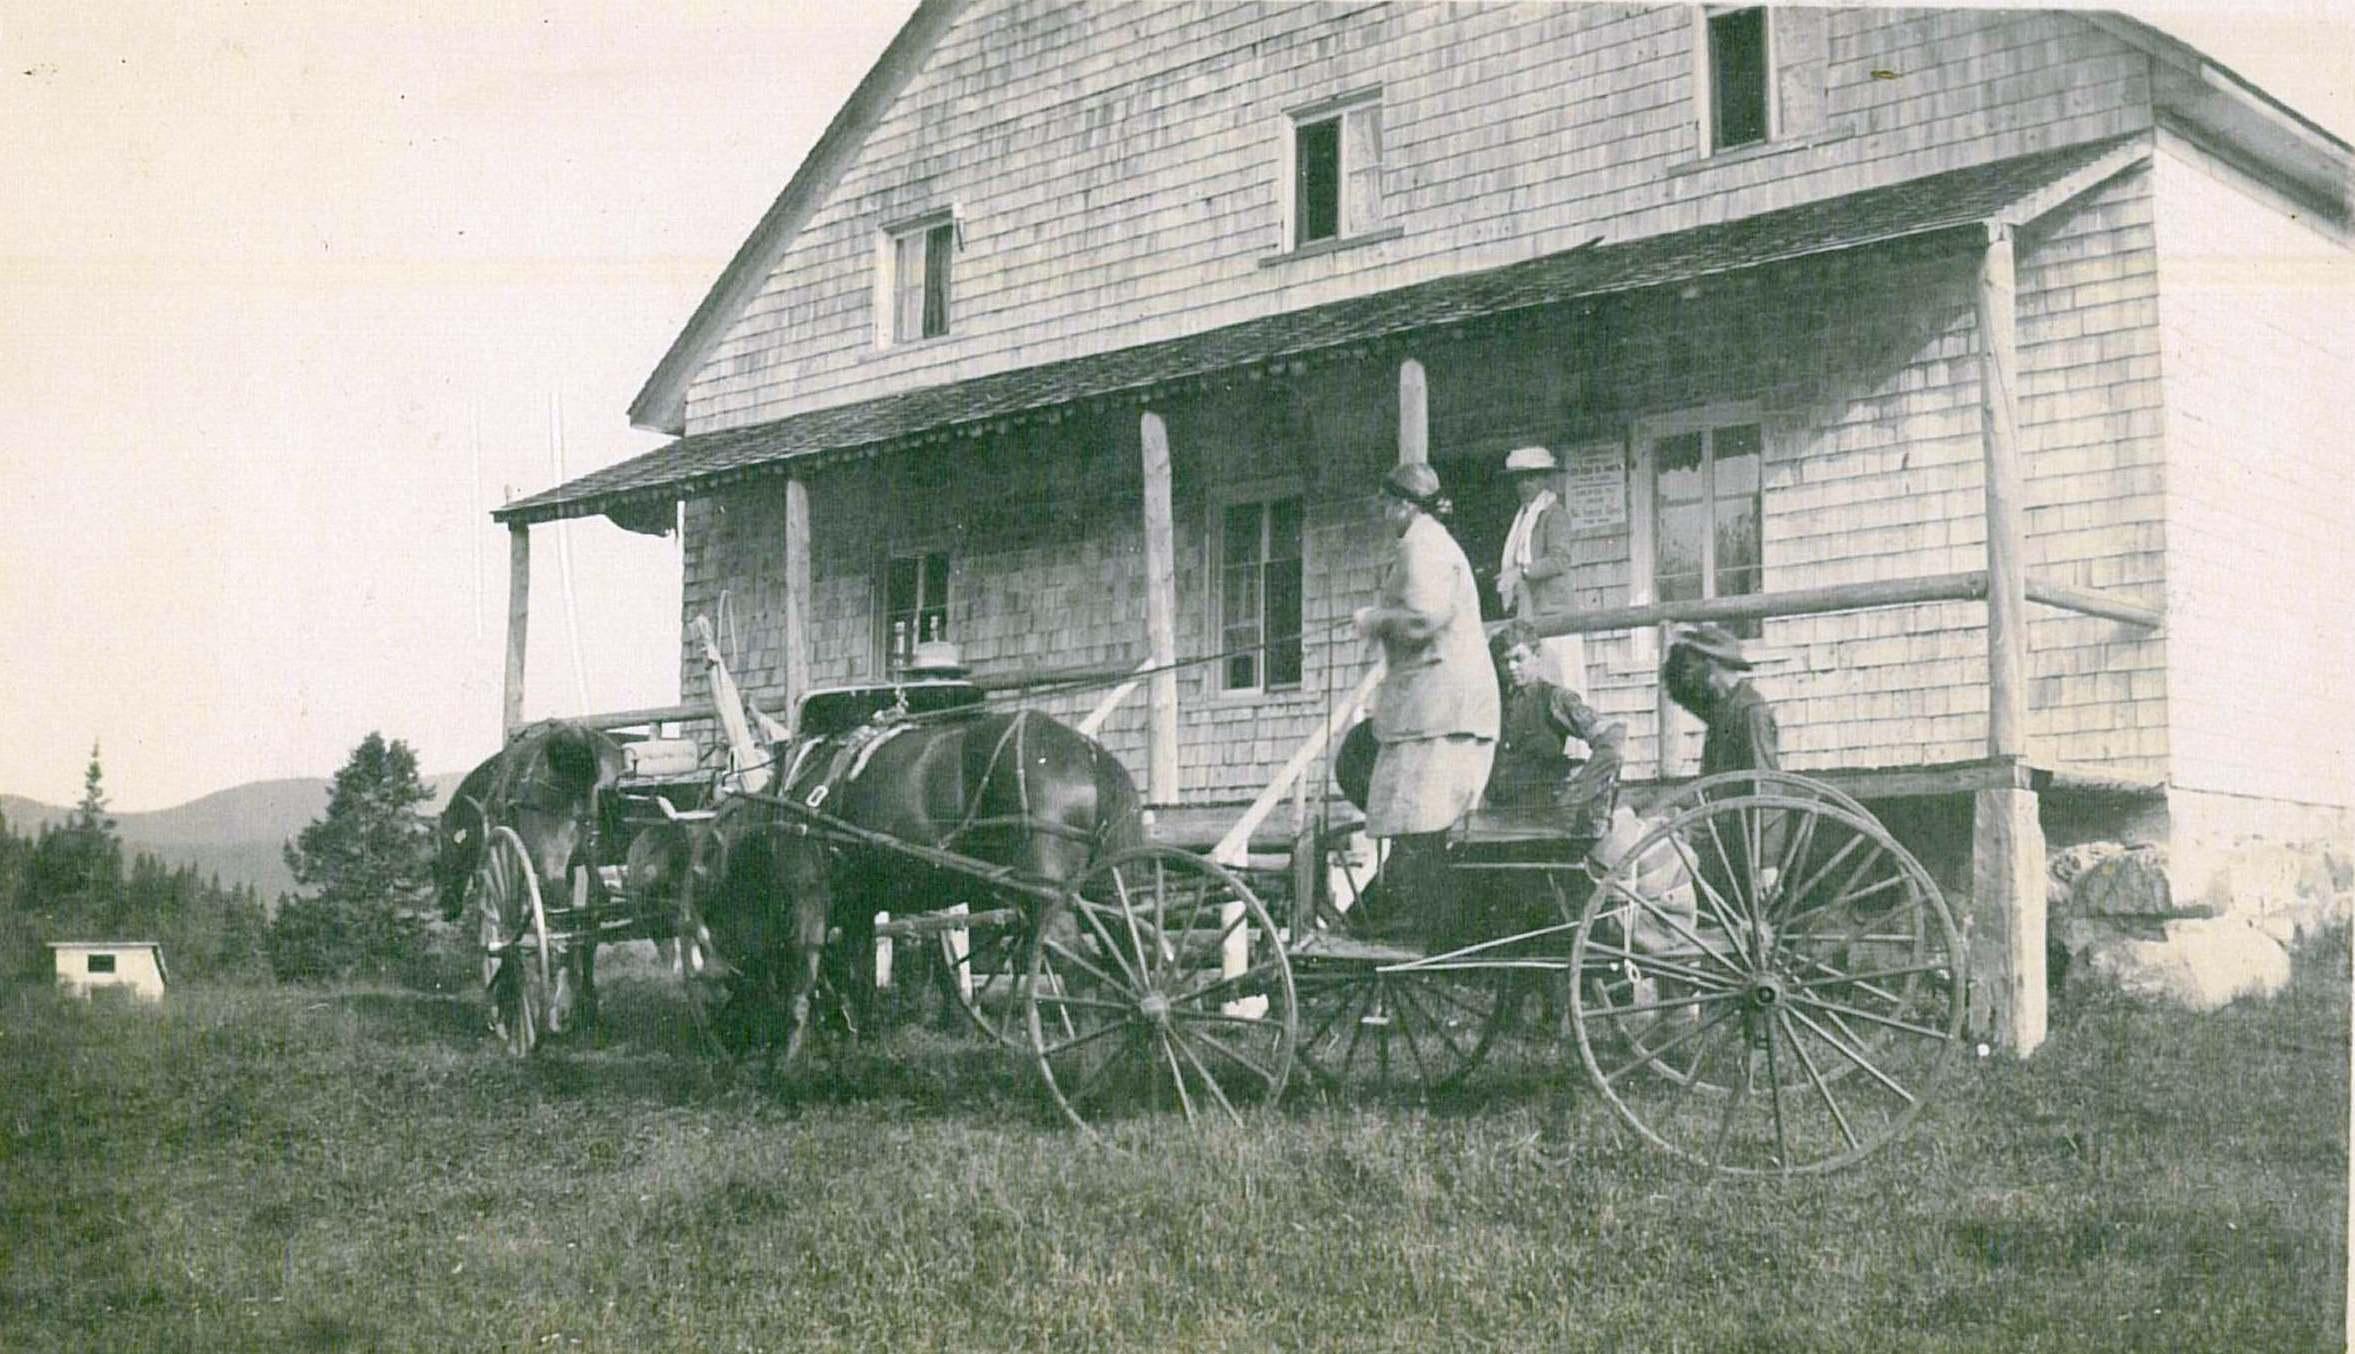 Quatre personnes sont devant un bâtiment en bardeaux de cèdre, où attendent deux chevaux attelés à des voitures à quatre roues.